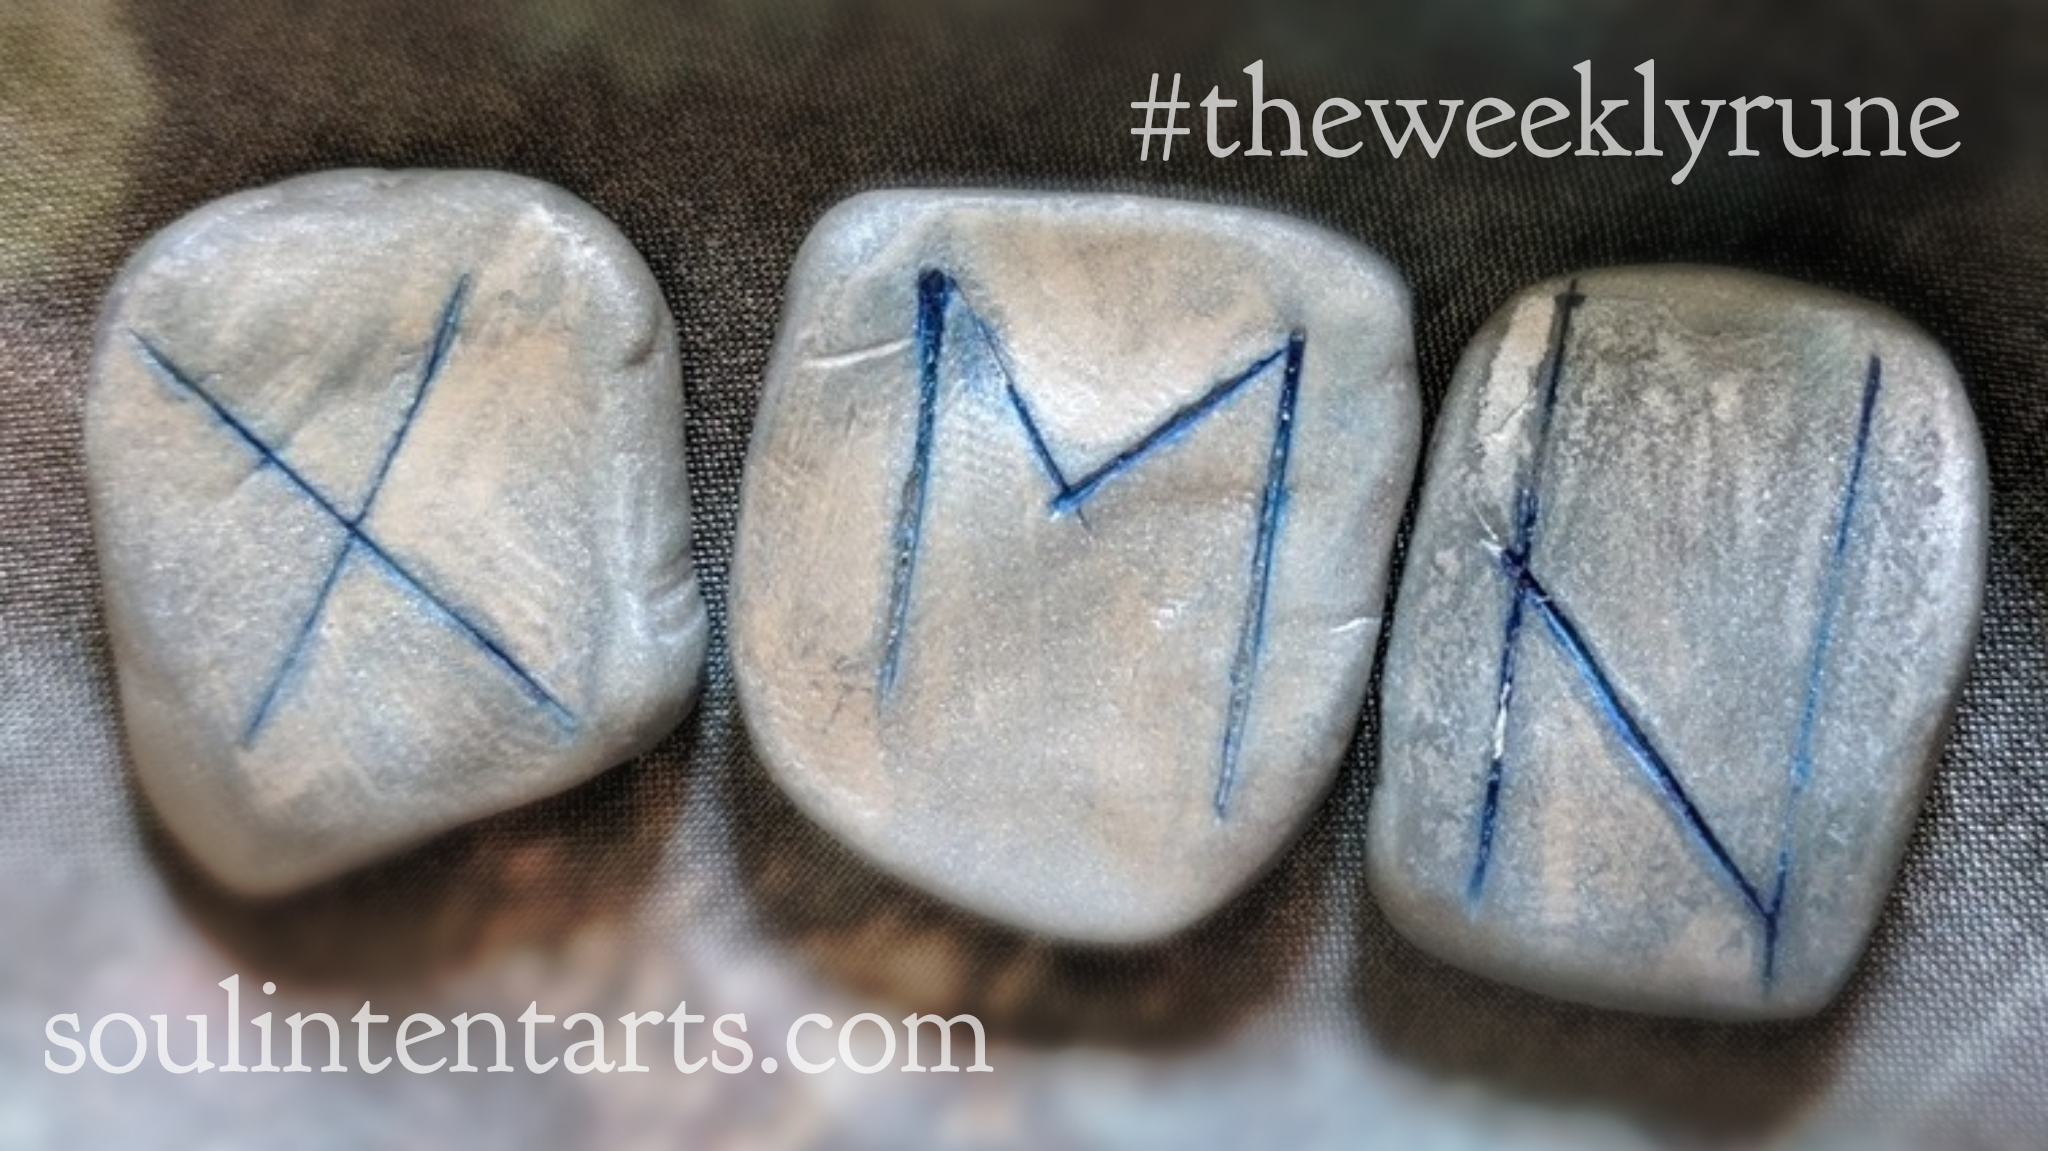 The Weekly Rune, Hagalaz